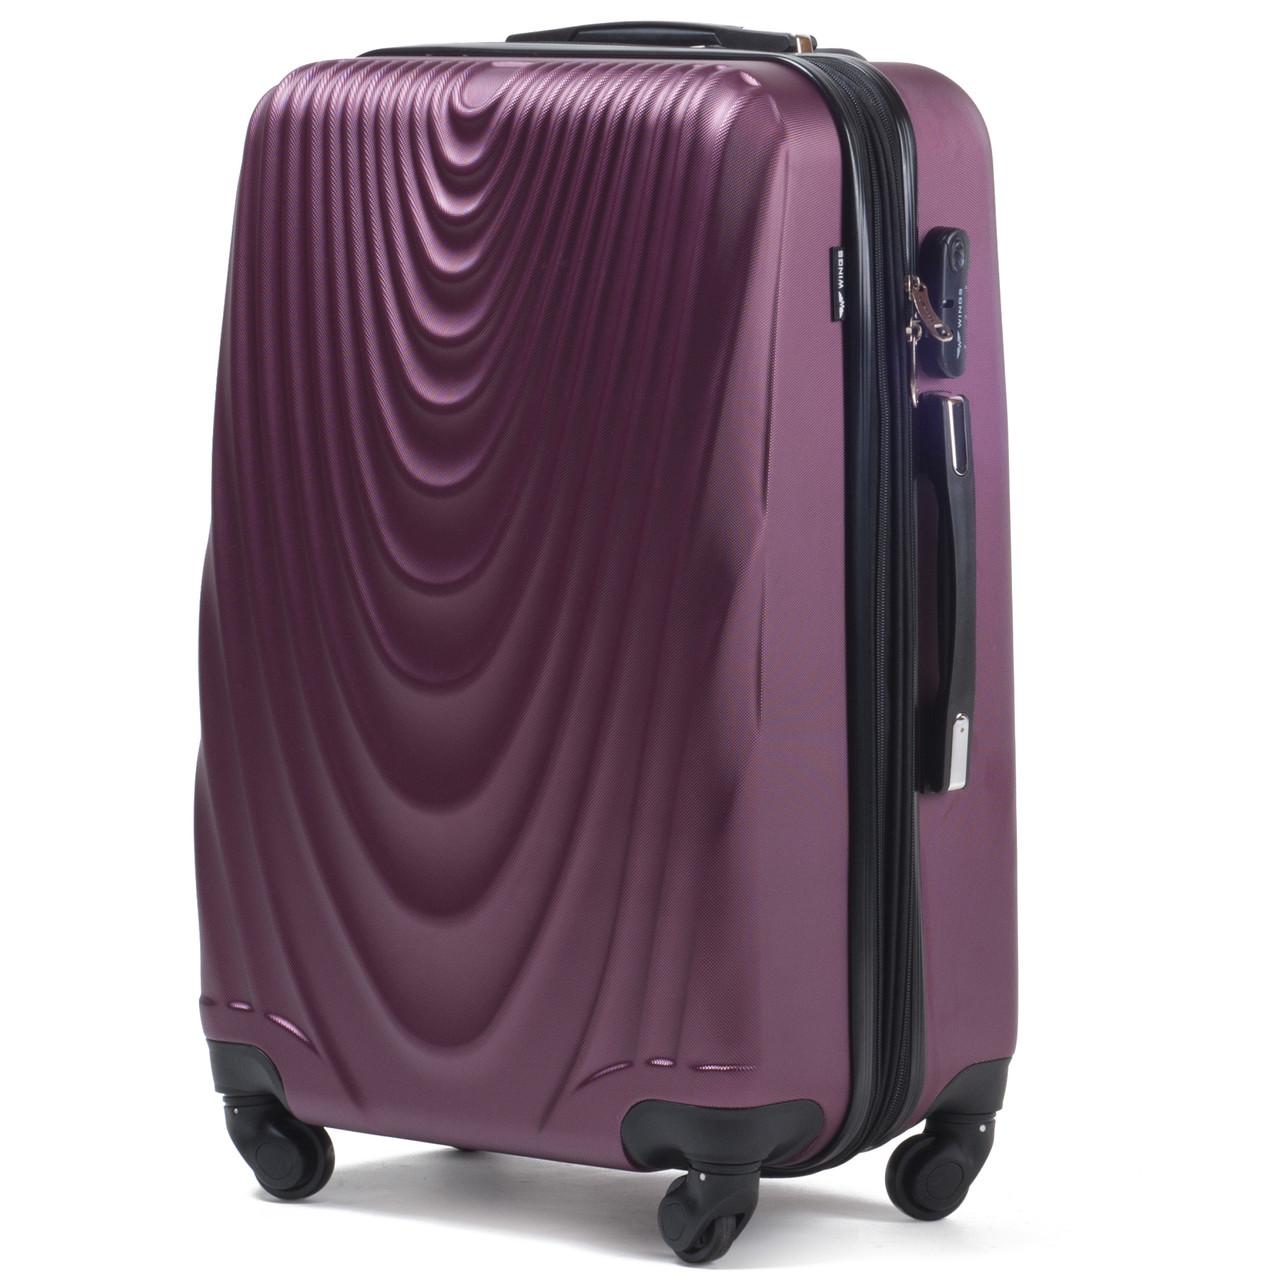 Малый пластиковый чемодан Wings 304 на 4 колесах бордовый